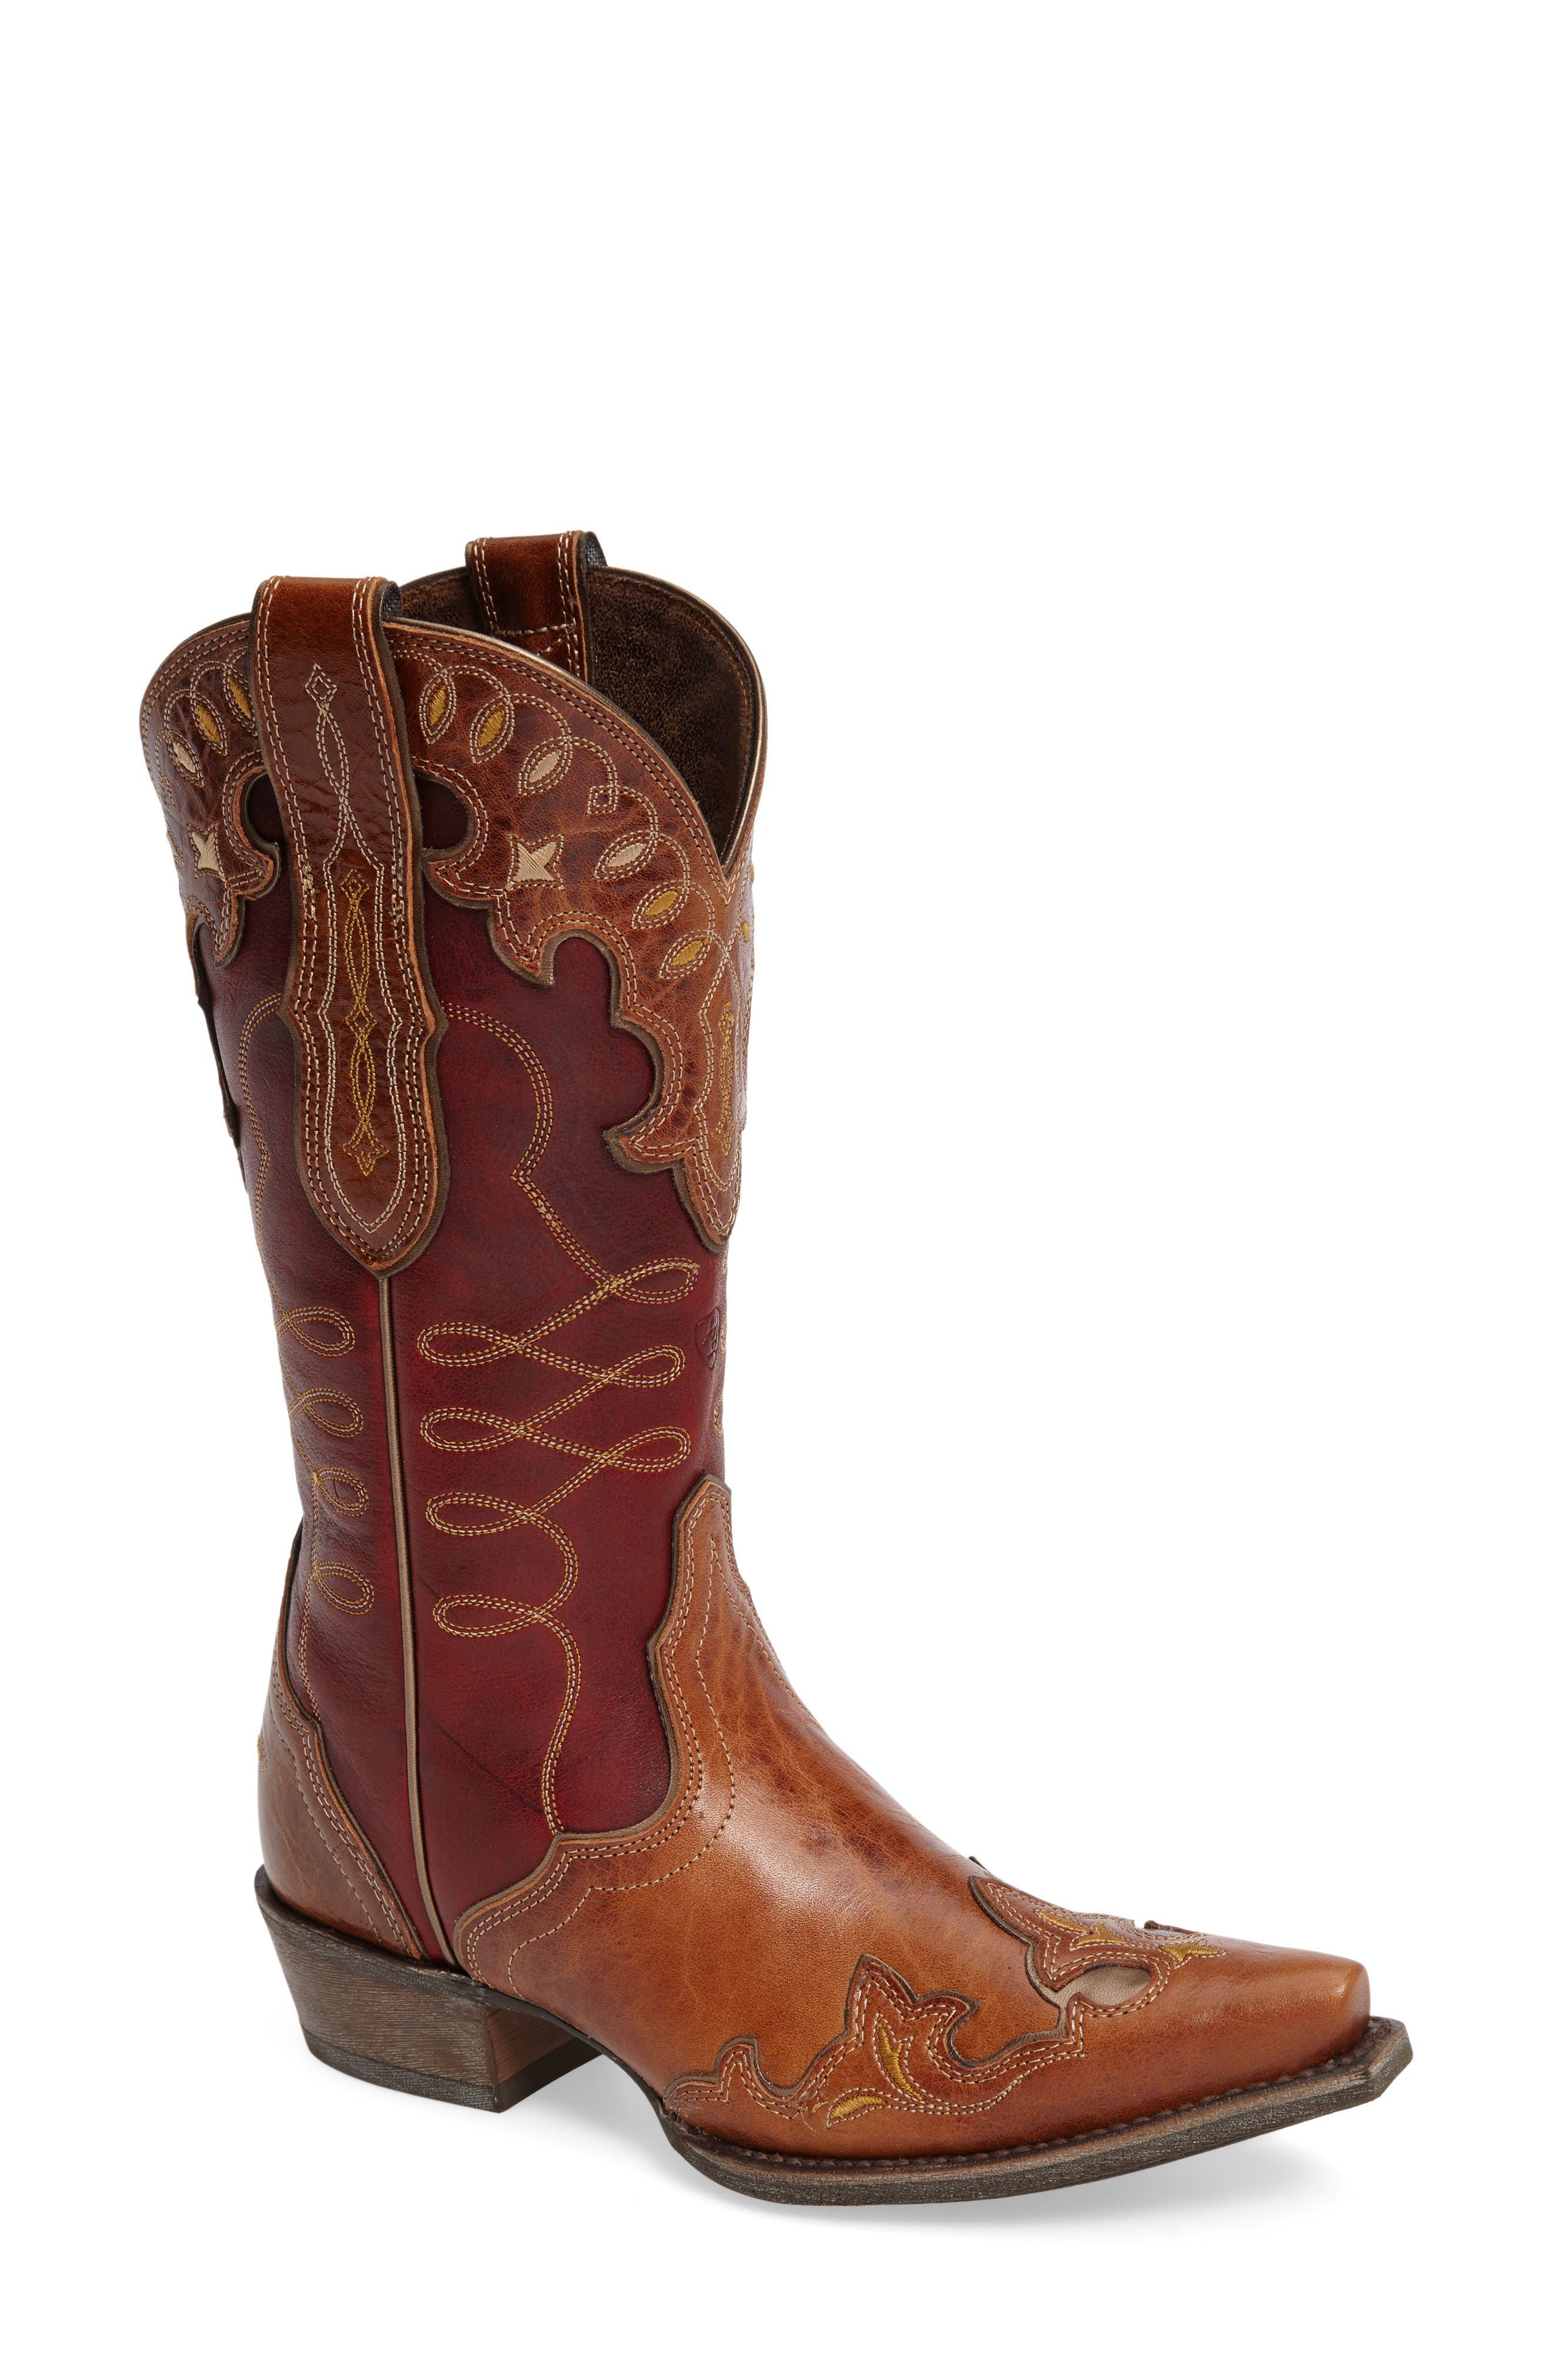 Main Image - Ariat Zealous Wingtip Western Boot (Women)